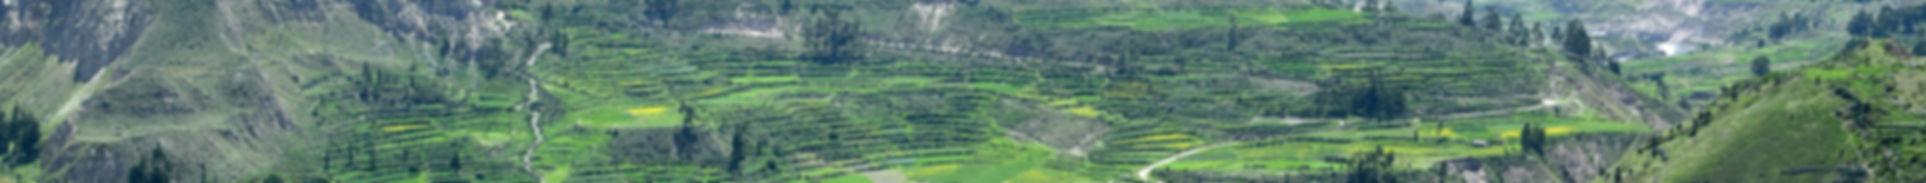 Banner Colca1.jpg